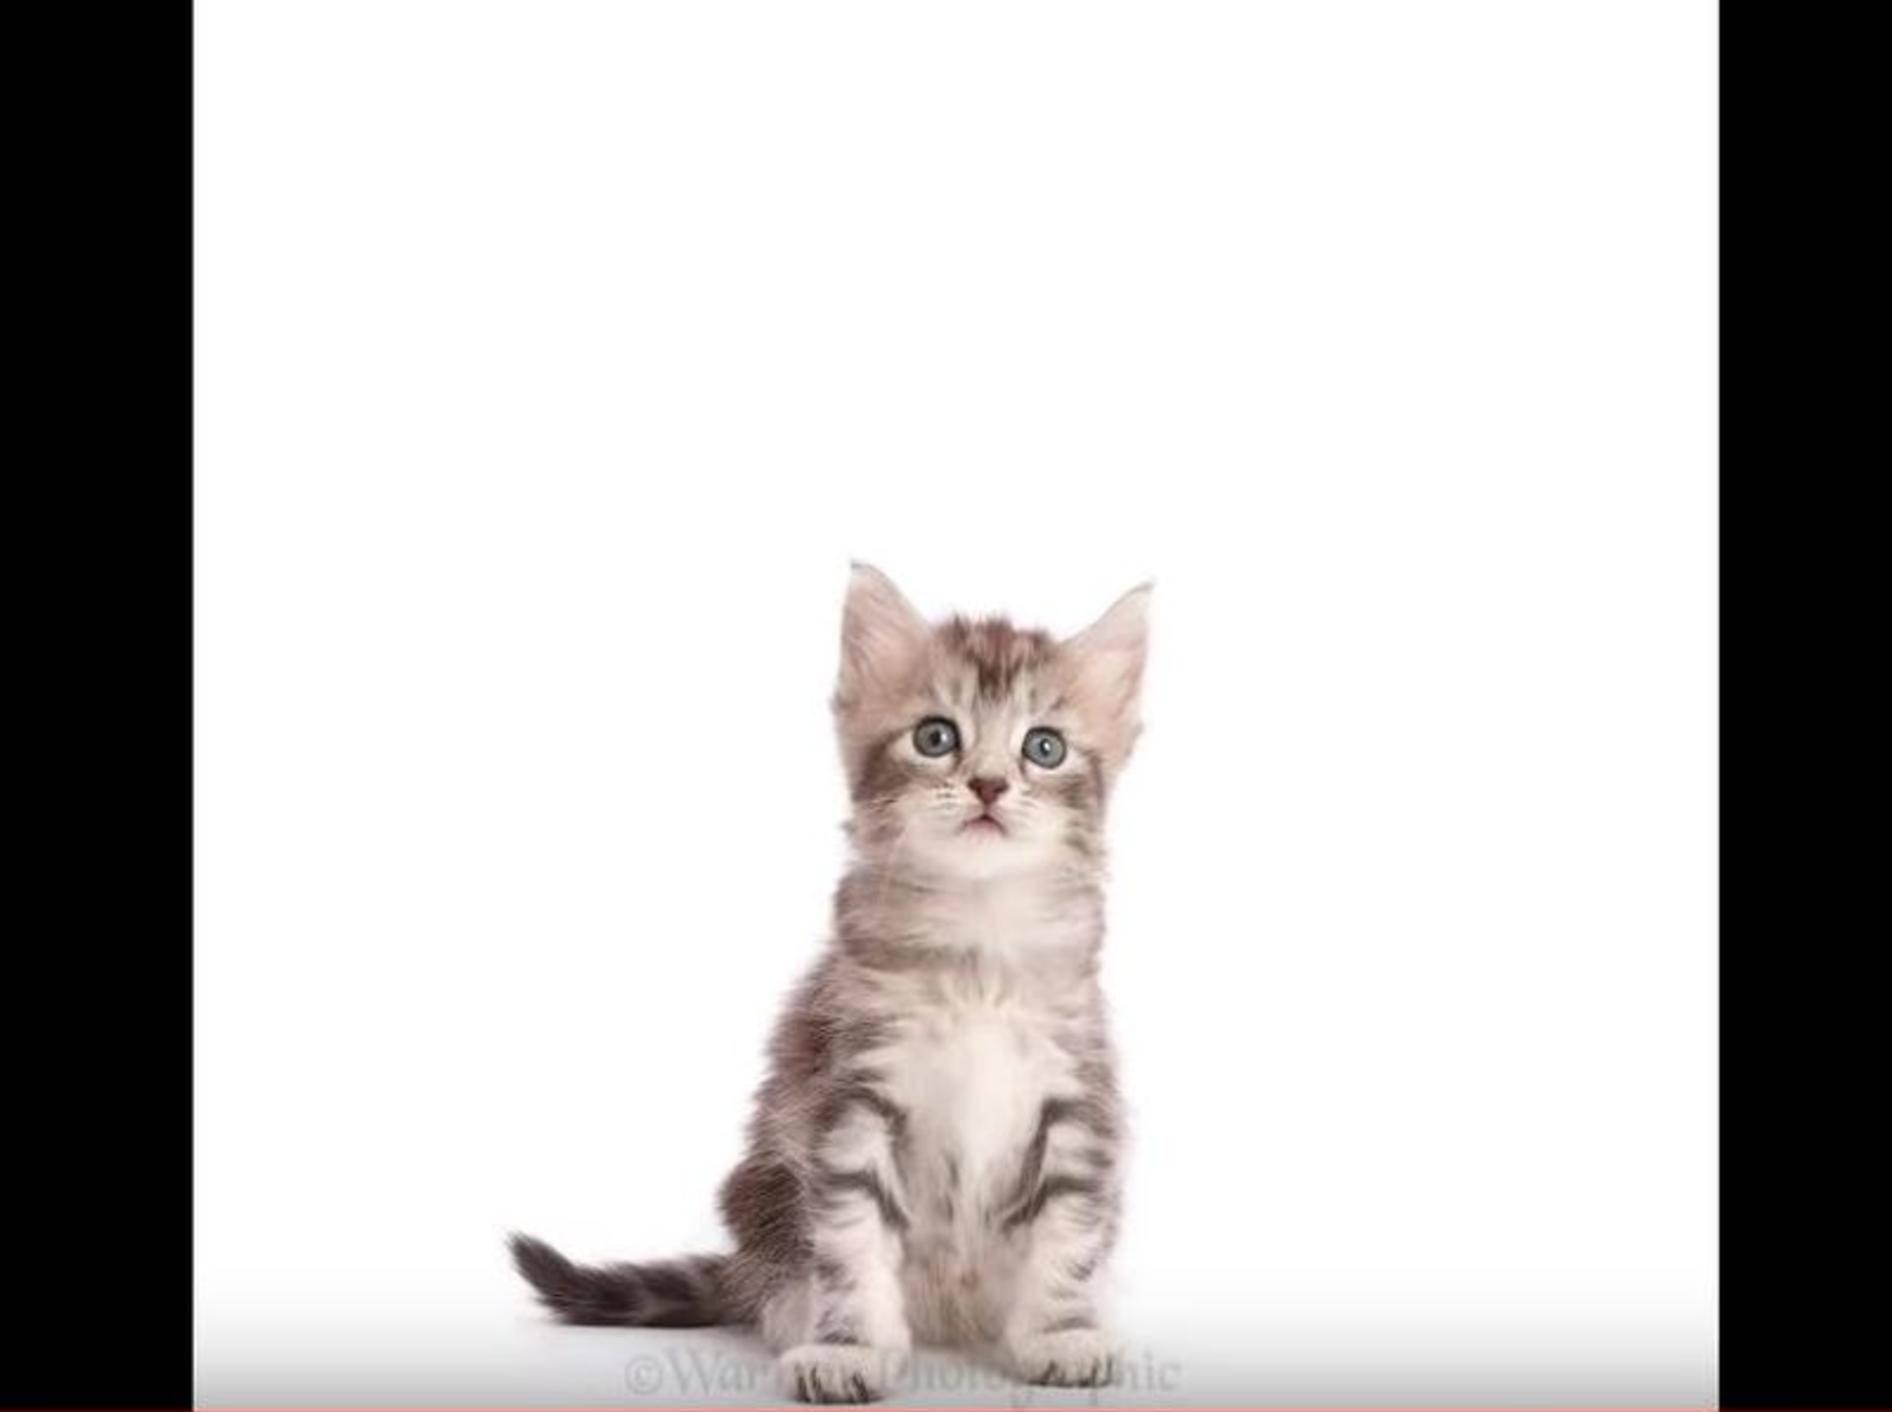 Zeitraffer: Ein Maine Coon Kätzchen wird groß – YouTube / Warren Photographic